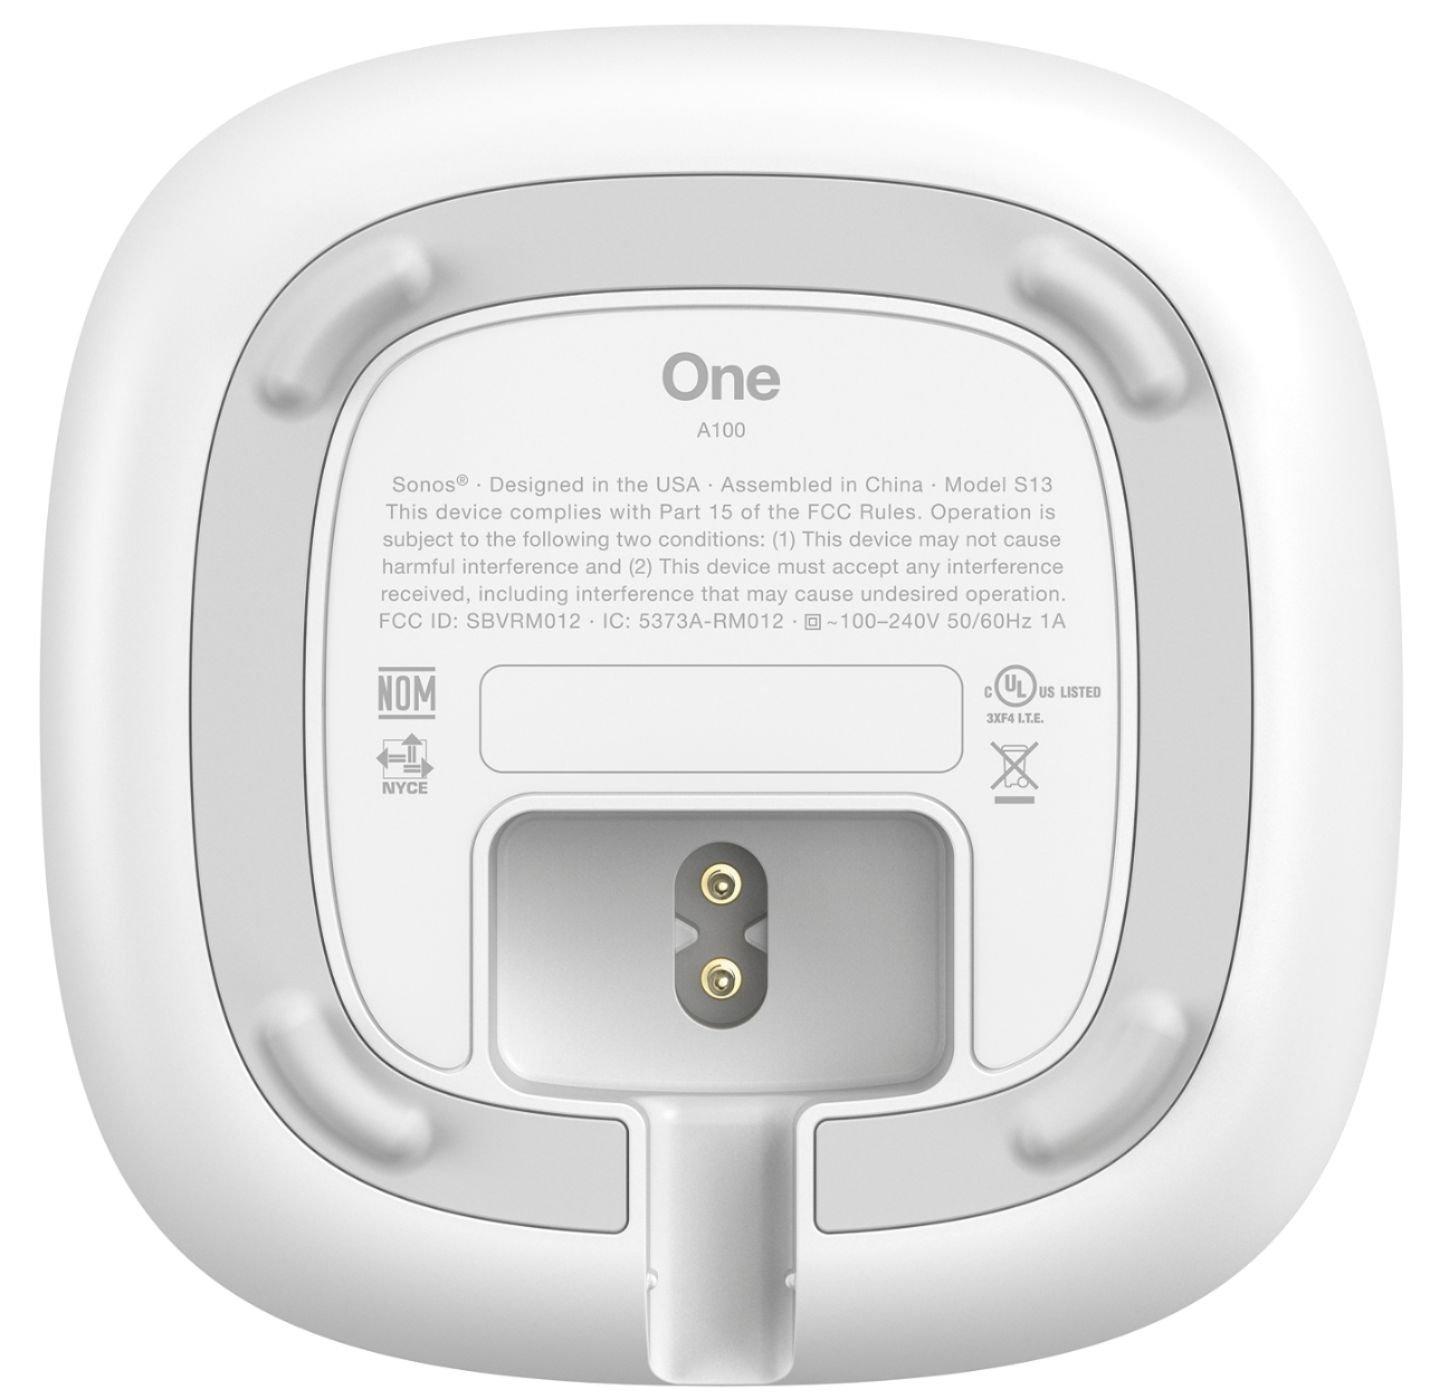 Sonos One design bund